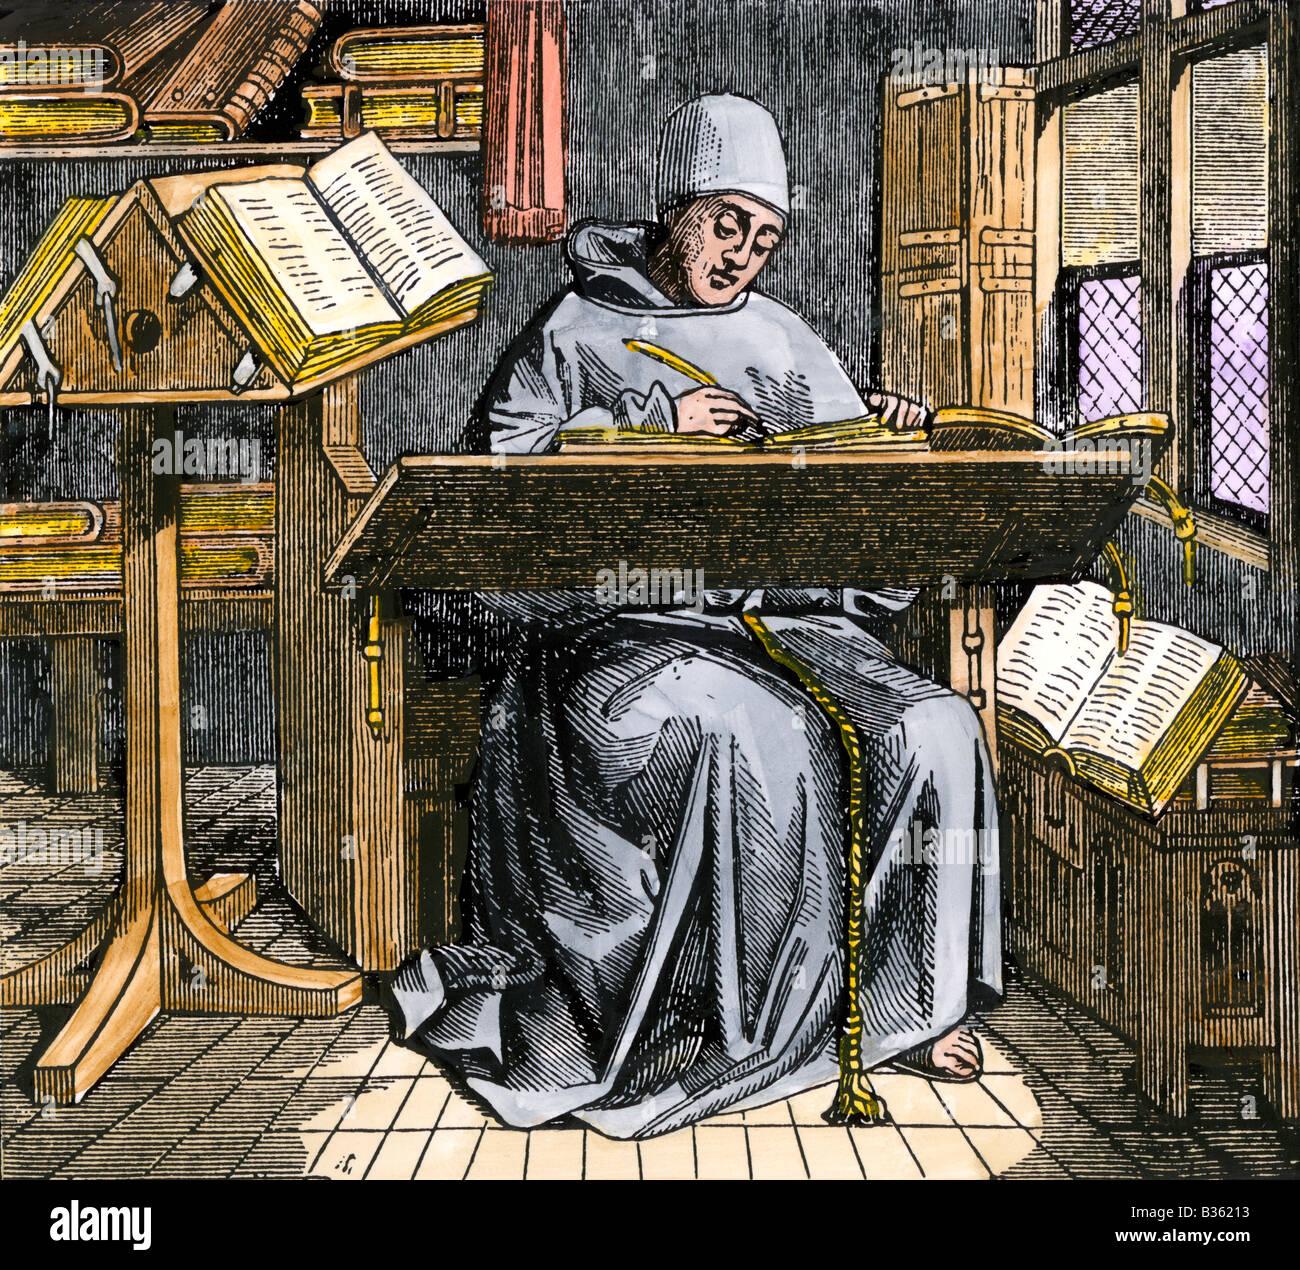 Scriba medievale iscritto presso una scrivania circondata da aprire i manoscritti. Colorate a mano la xilografia Immagini Stock